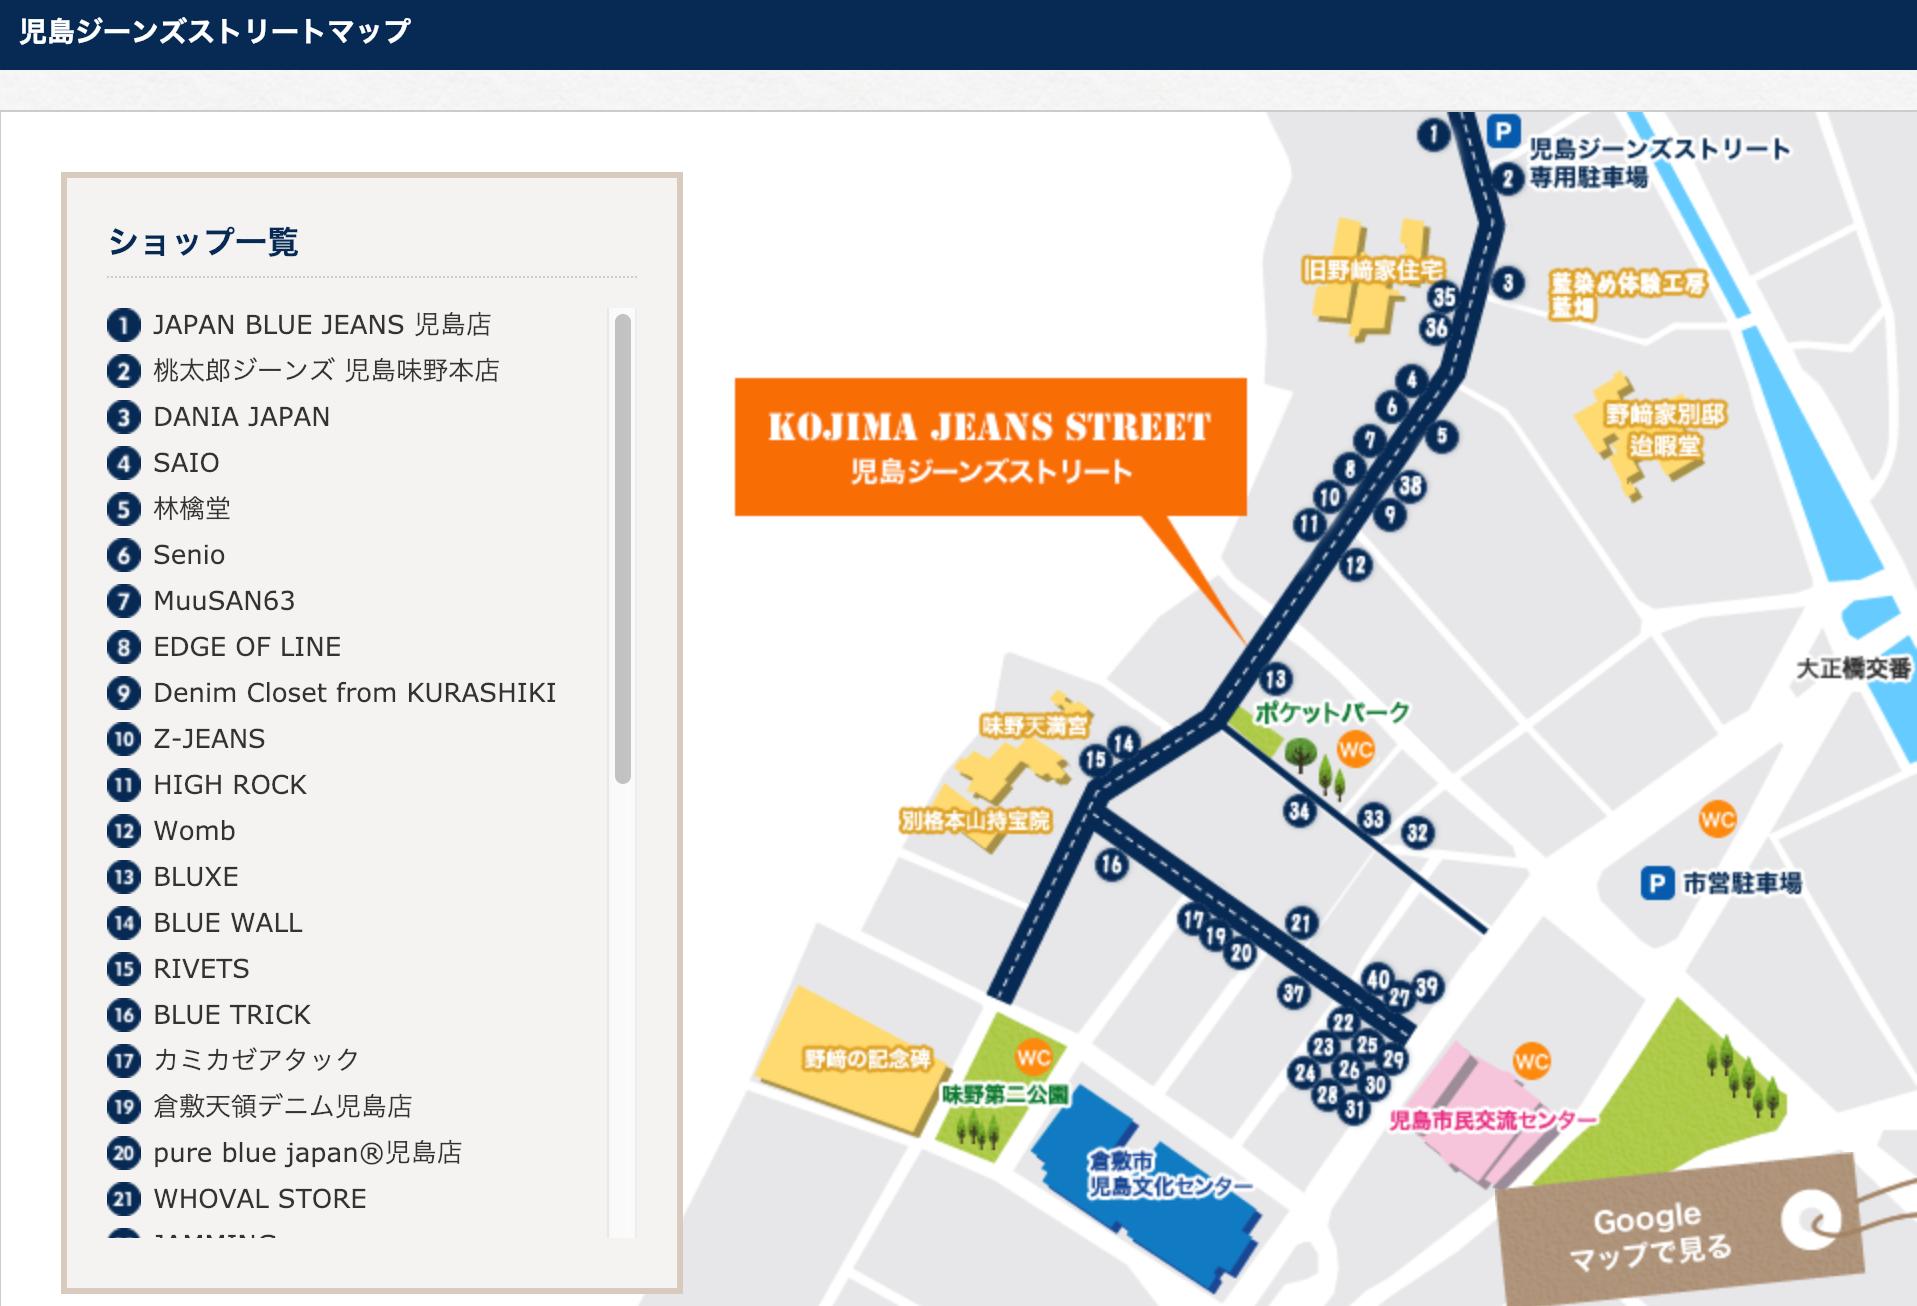 児嶋ジーンズストリートのマップ